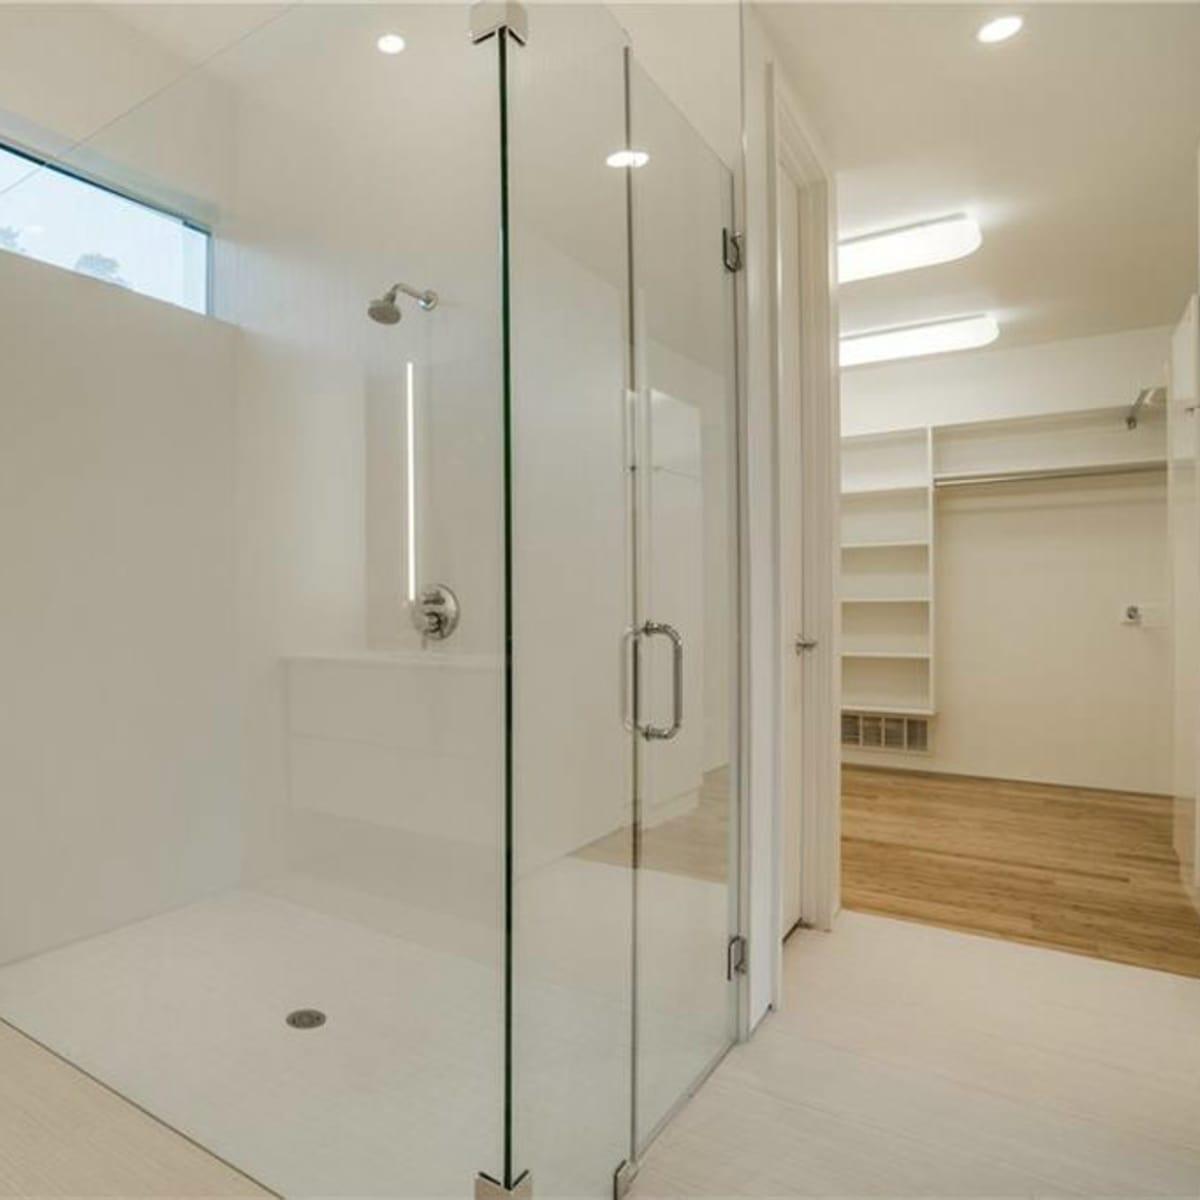 Bathroom at 4401 Roseland Ave. Unit B in Dallas